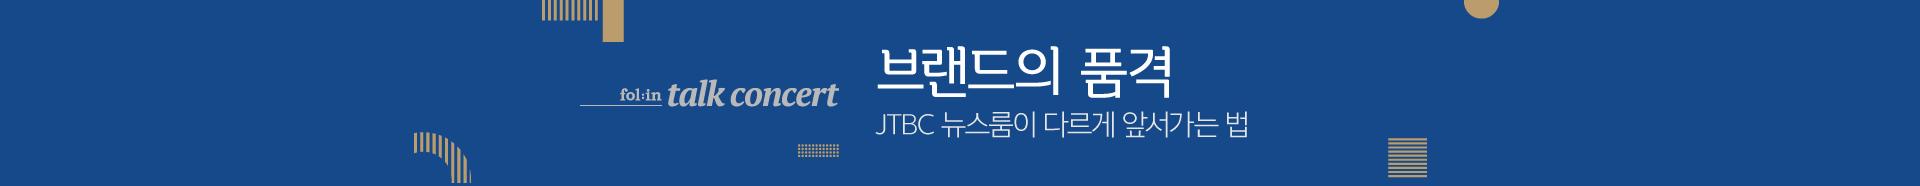 [talk concert] 브랜드의 품격 : JTBC 뉴스룸이 다르게 앞서가는 법